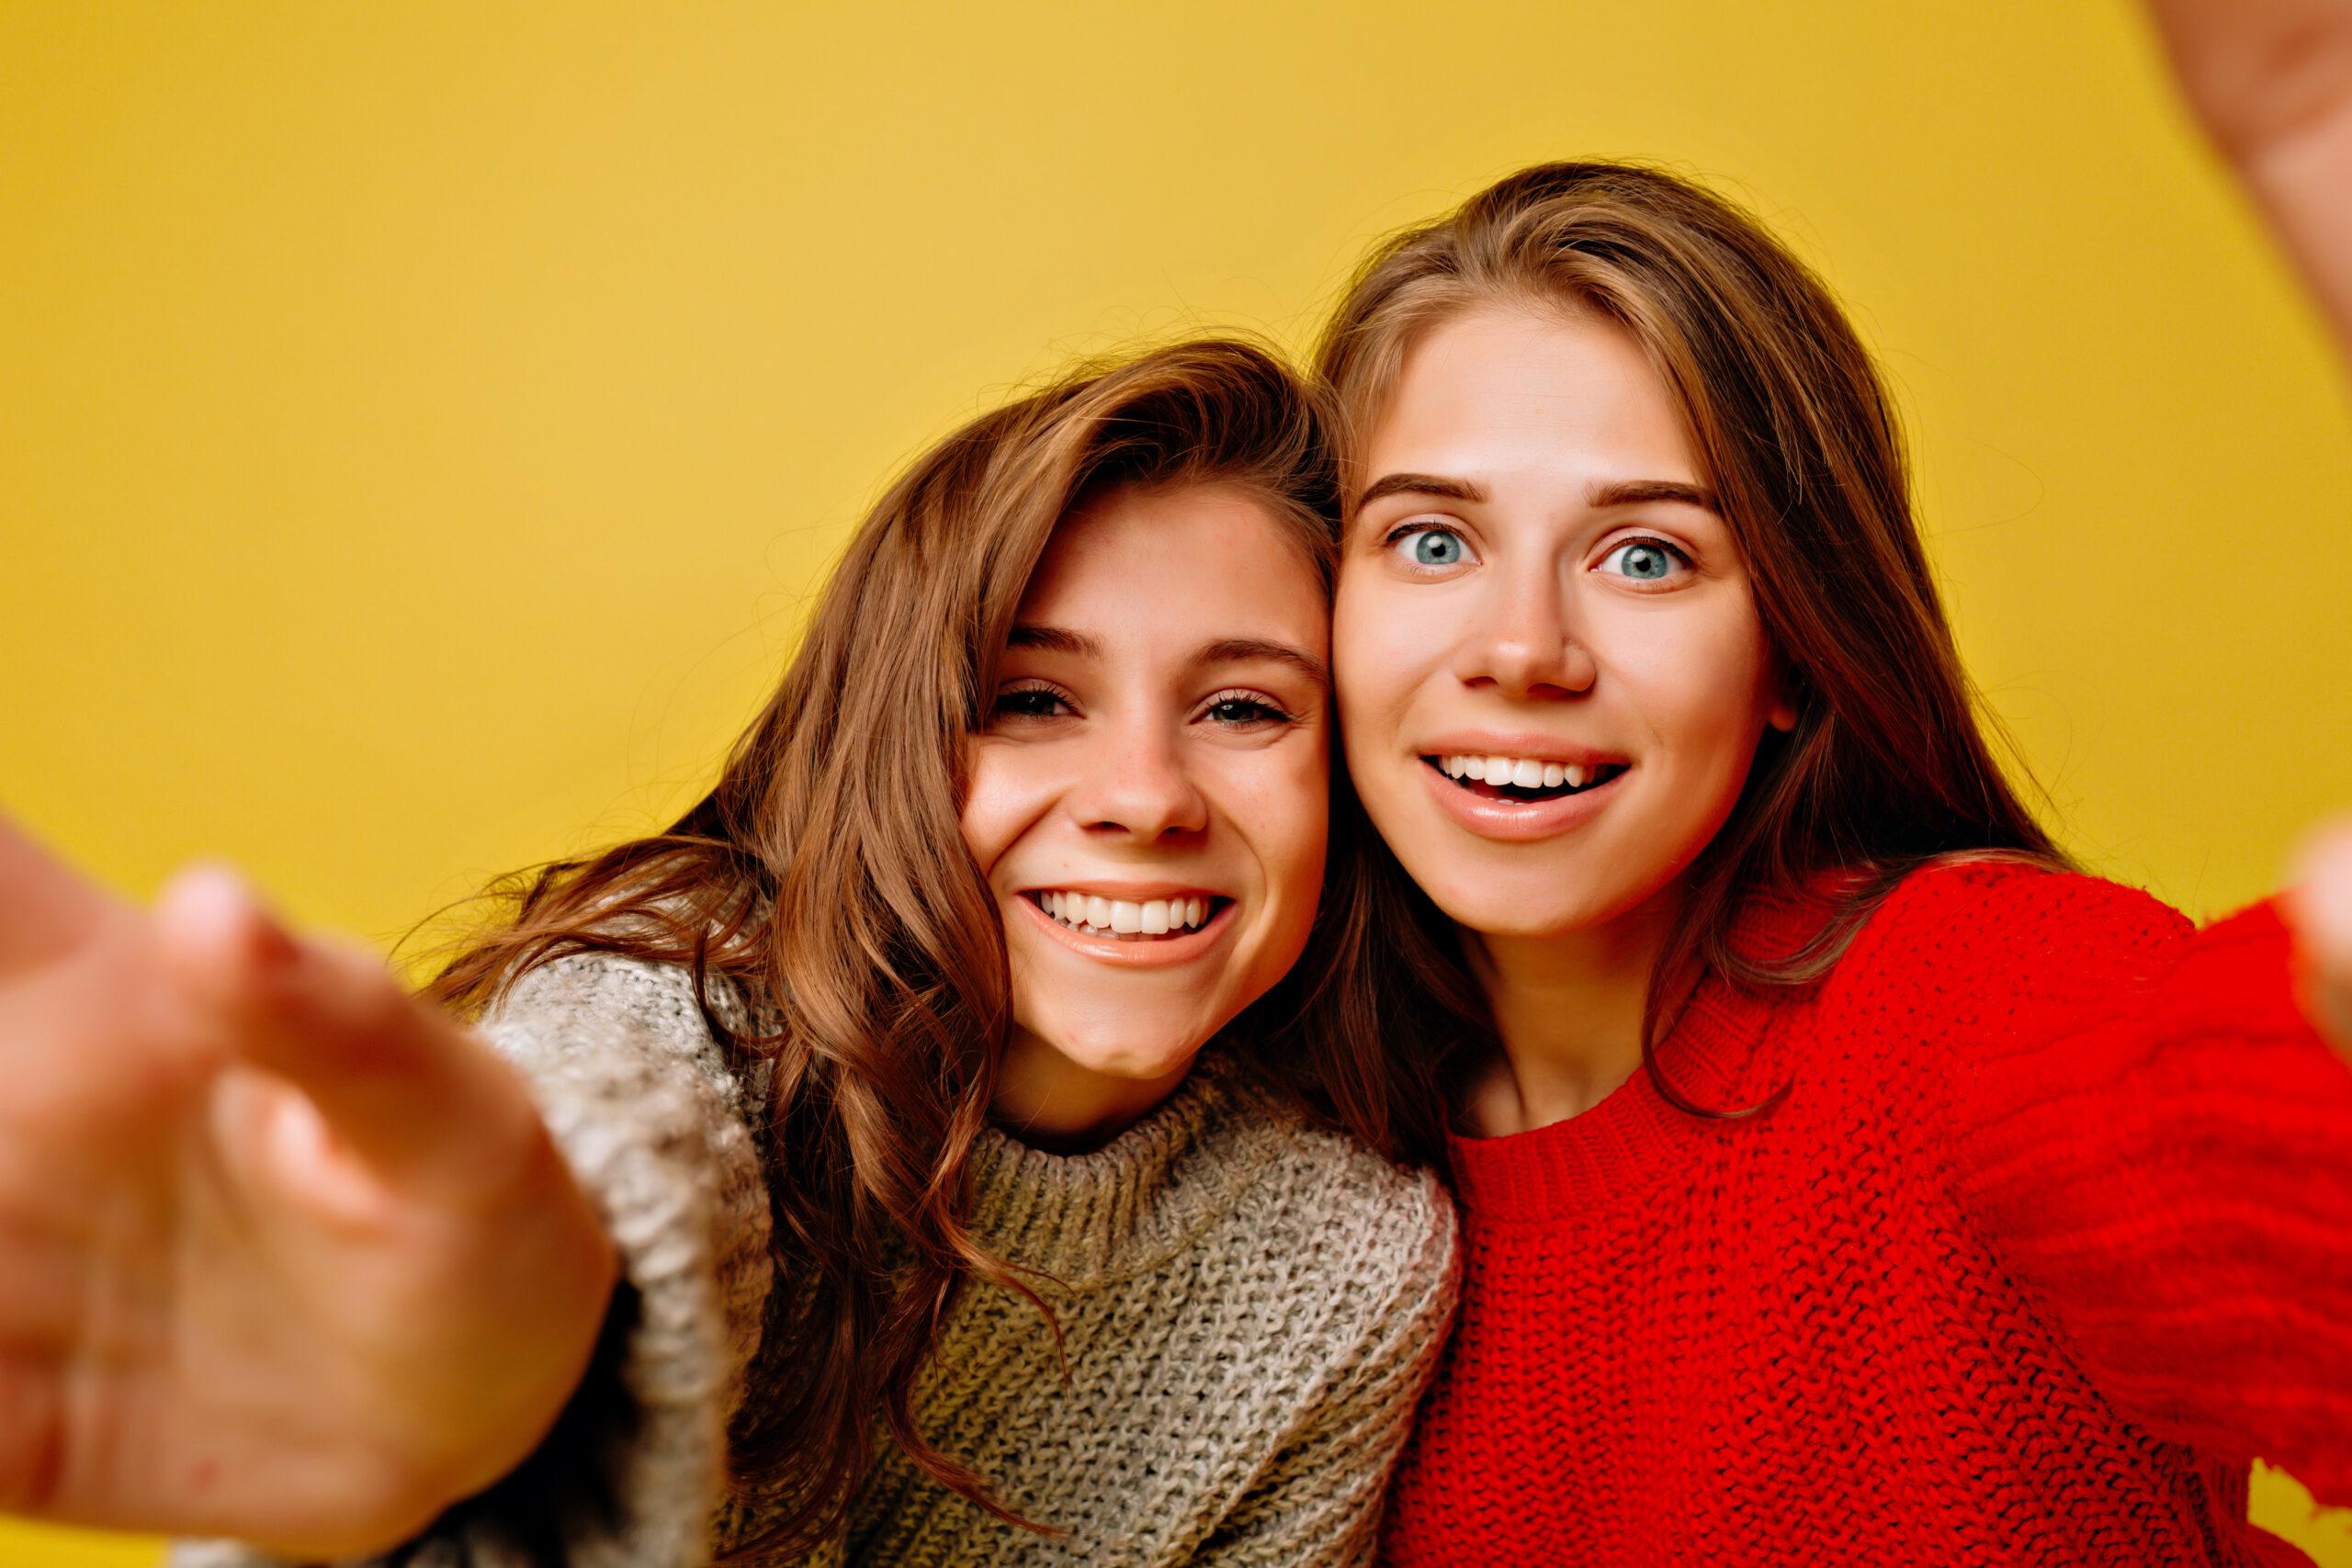 Защо доброто приятелство е важно и трябва да се пази?